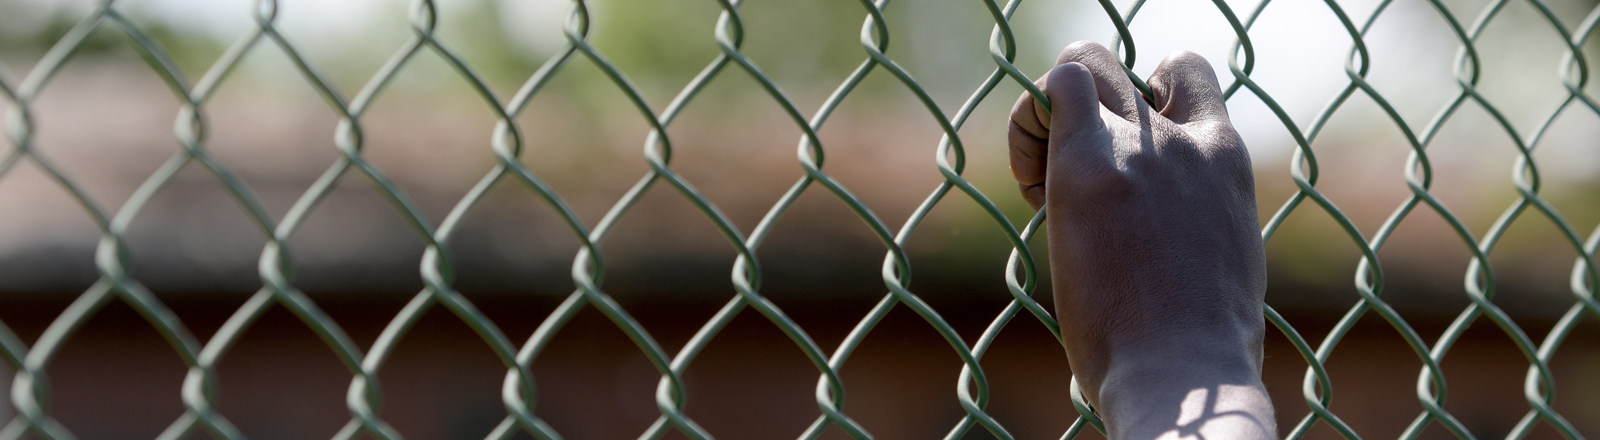 Eine Hand hält sich an einem Zaun fest.